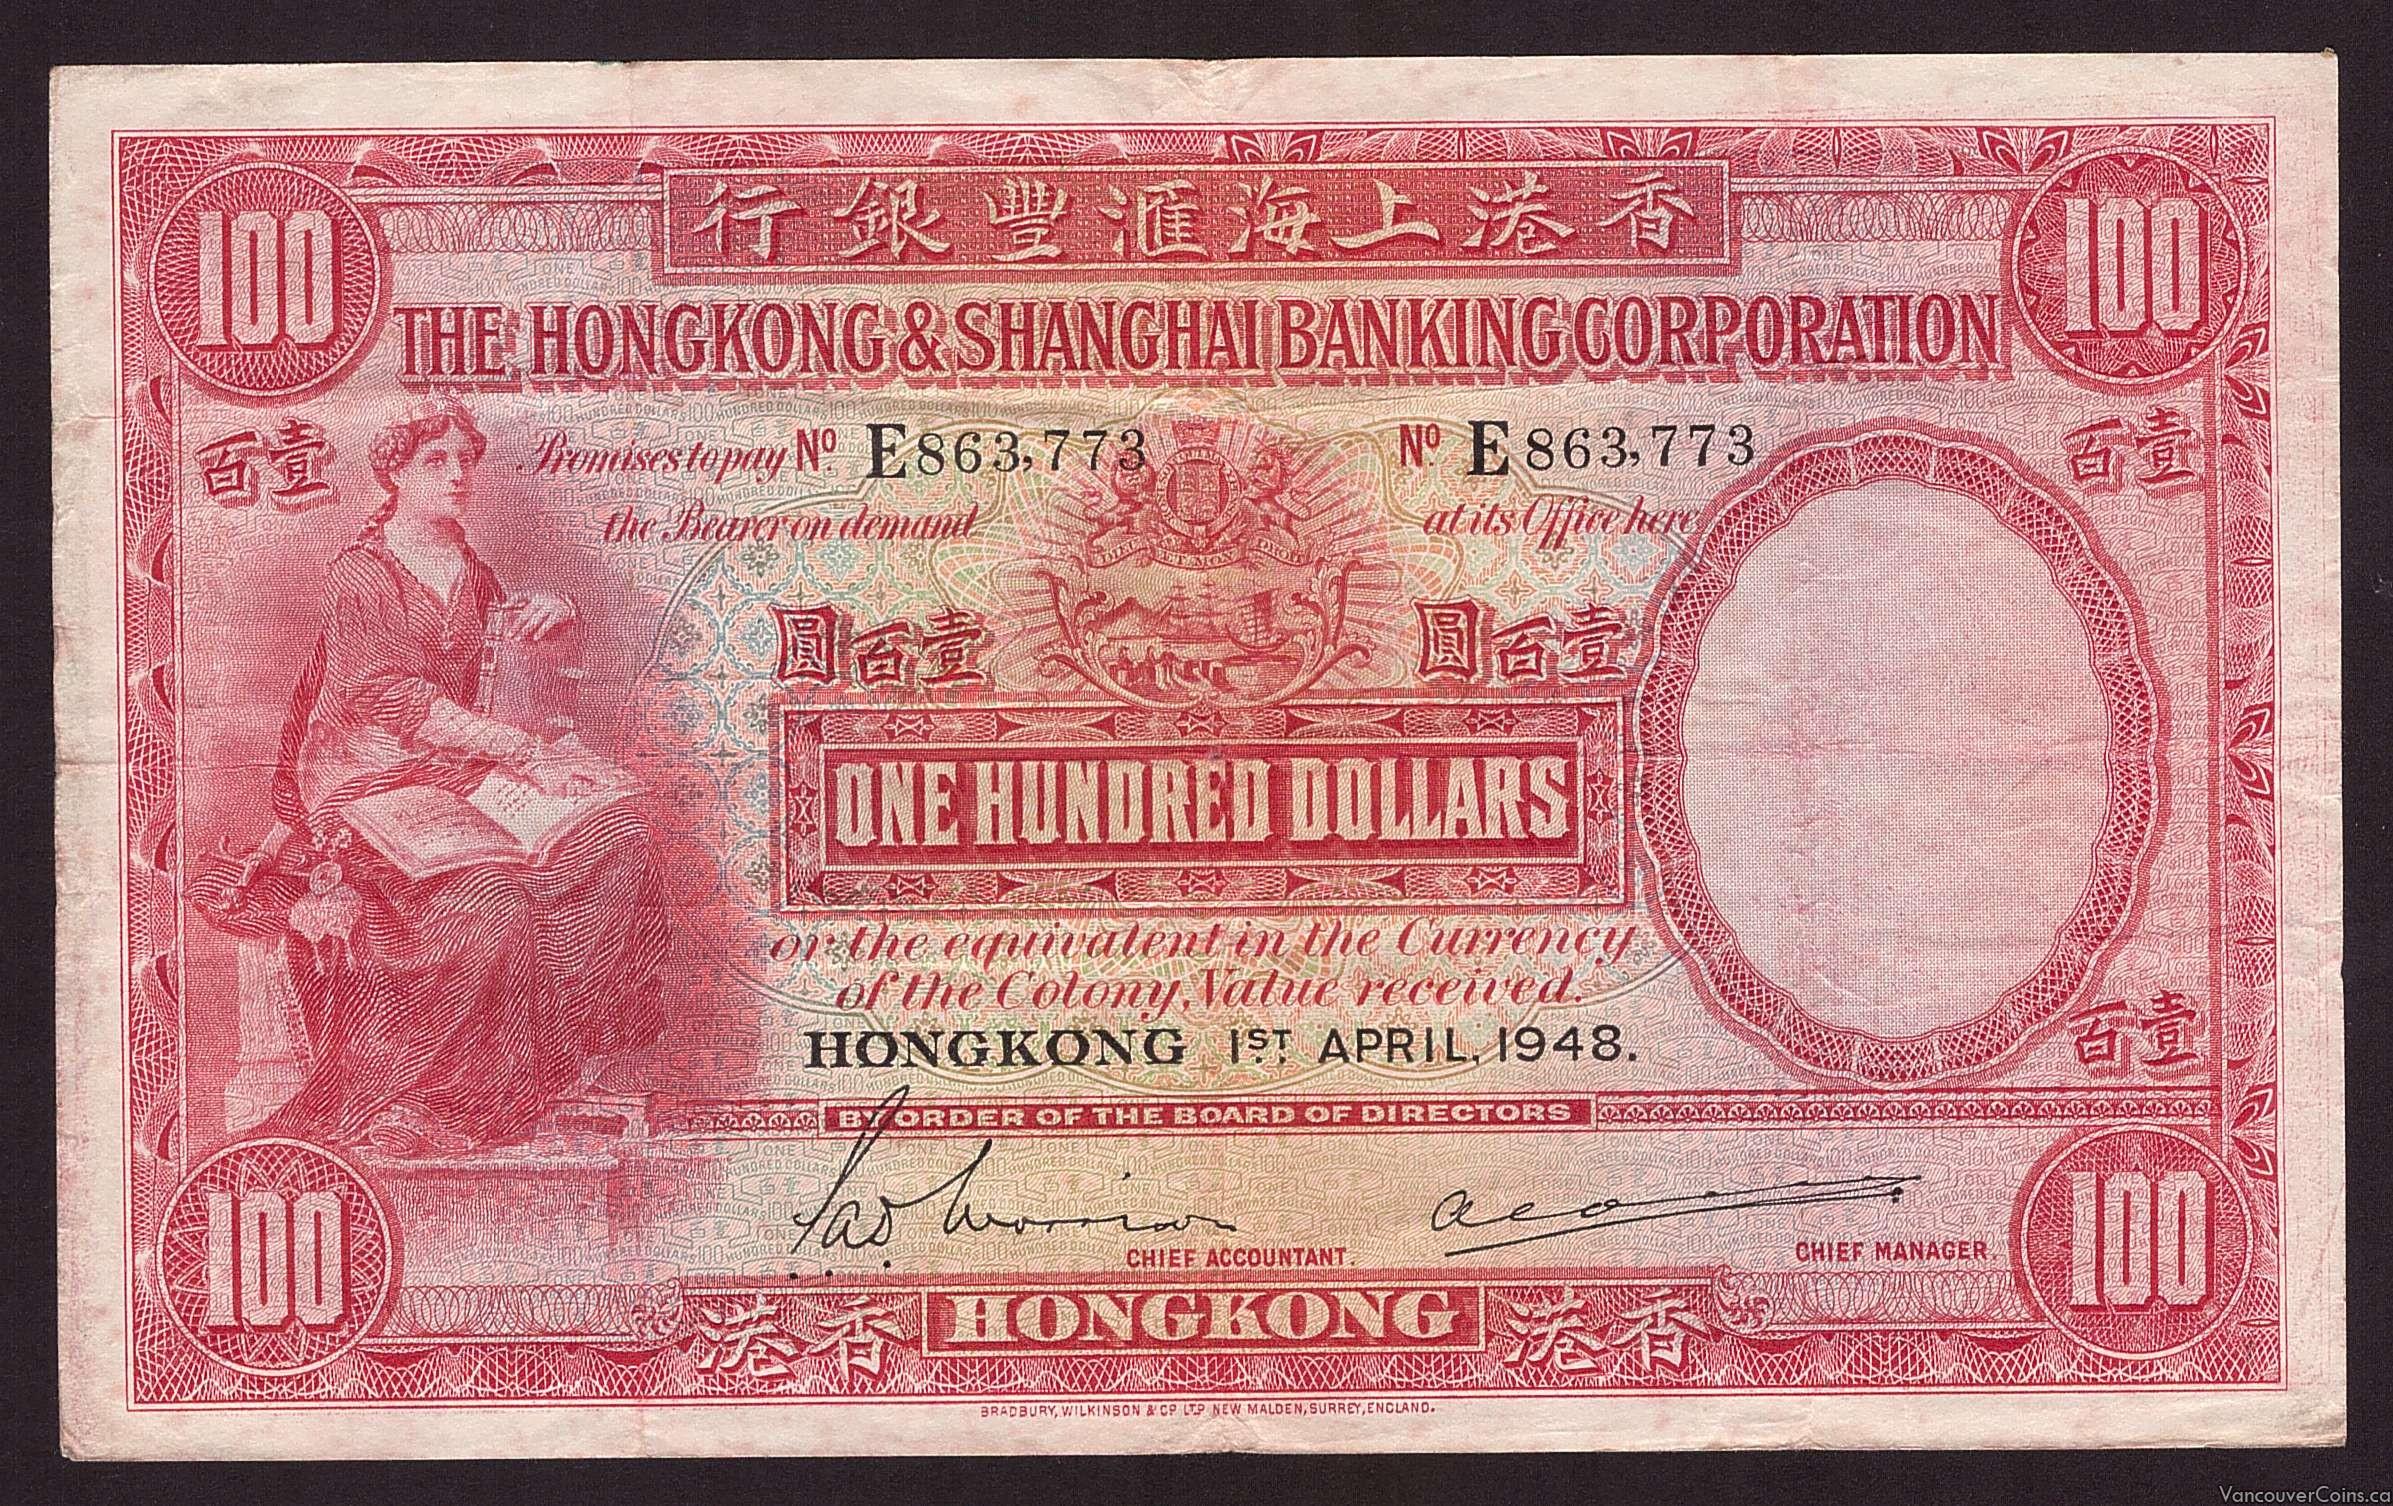 1948 Hong Kong HSBC $100 One Hundred Dollar note